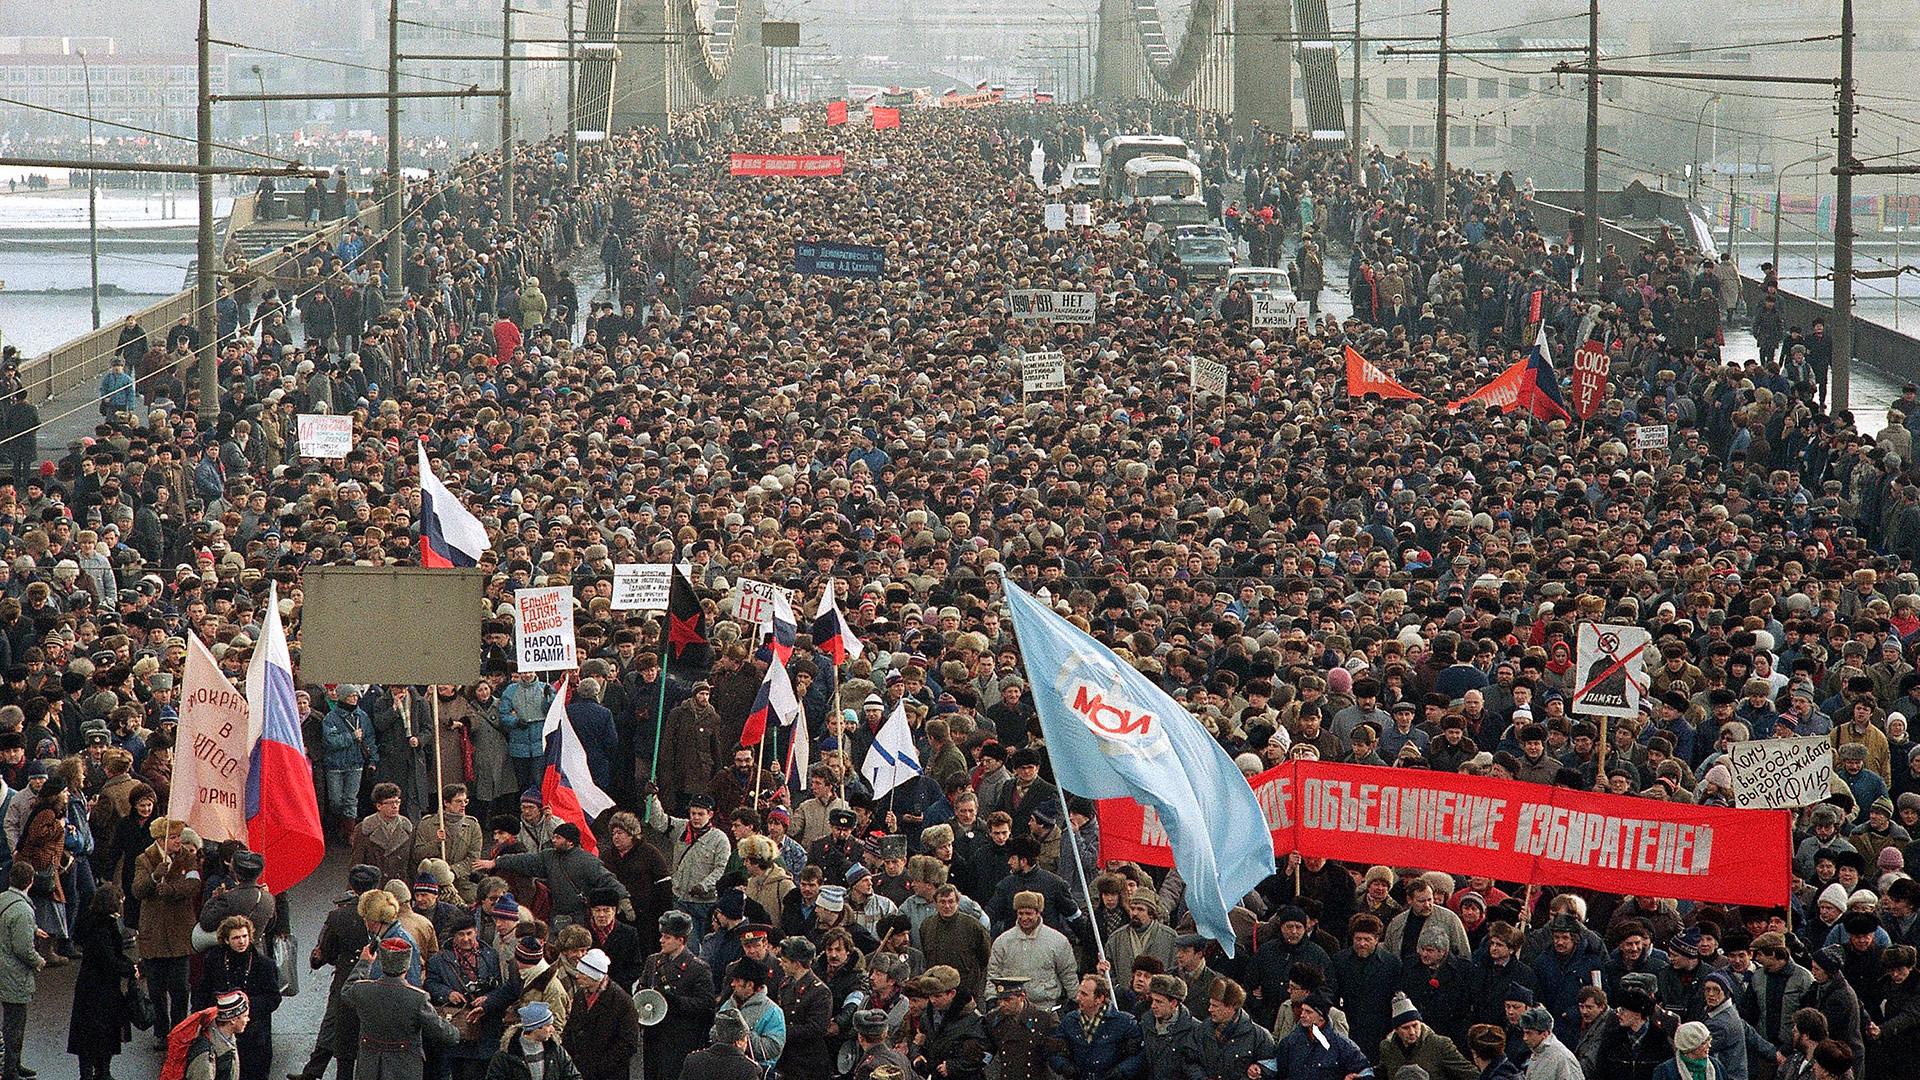 Stotine tisuća ljudi prošlo je preko rijeke Moskve u nedelju 4. veljače 1990. godine sa zahtjevom da Komunistička partija odustane od monopola na vlast. Ovo je vjerojatno bio najveći prosvjed u Moskvi još od boljševičke revolucije.